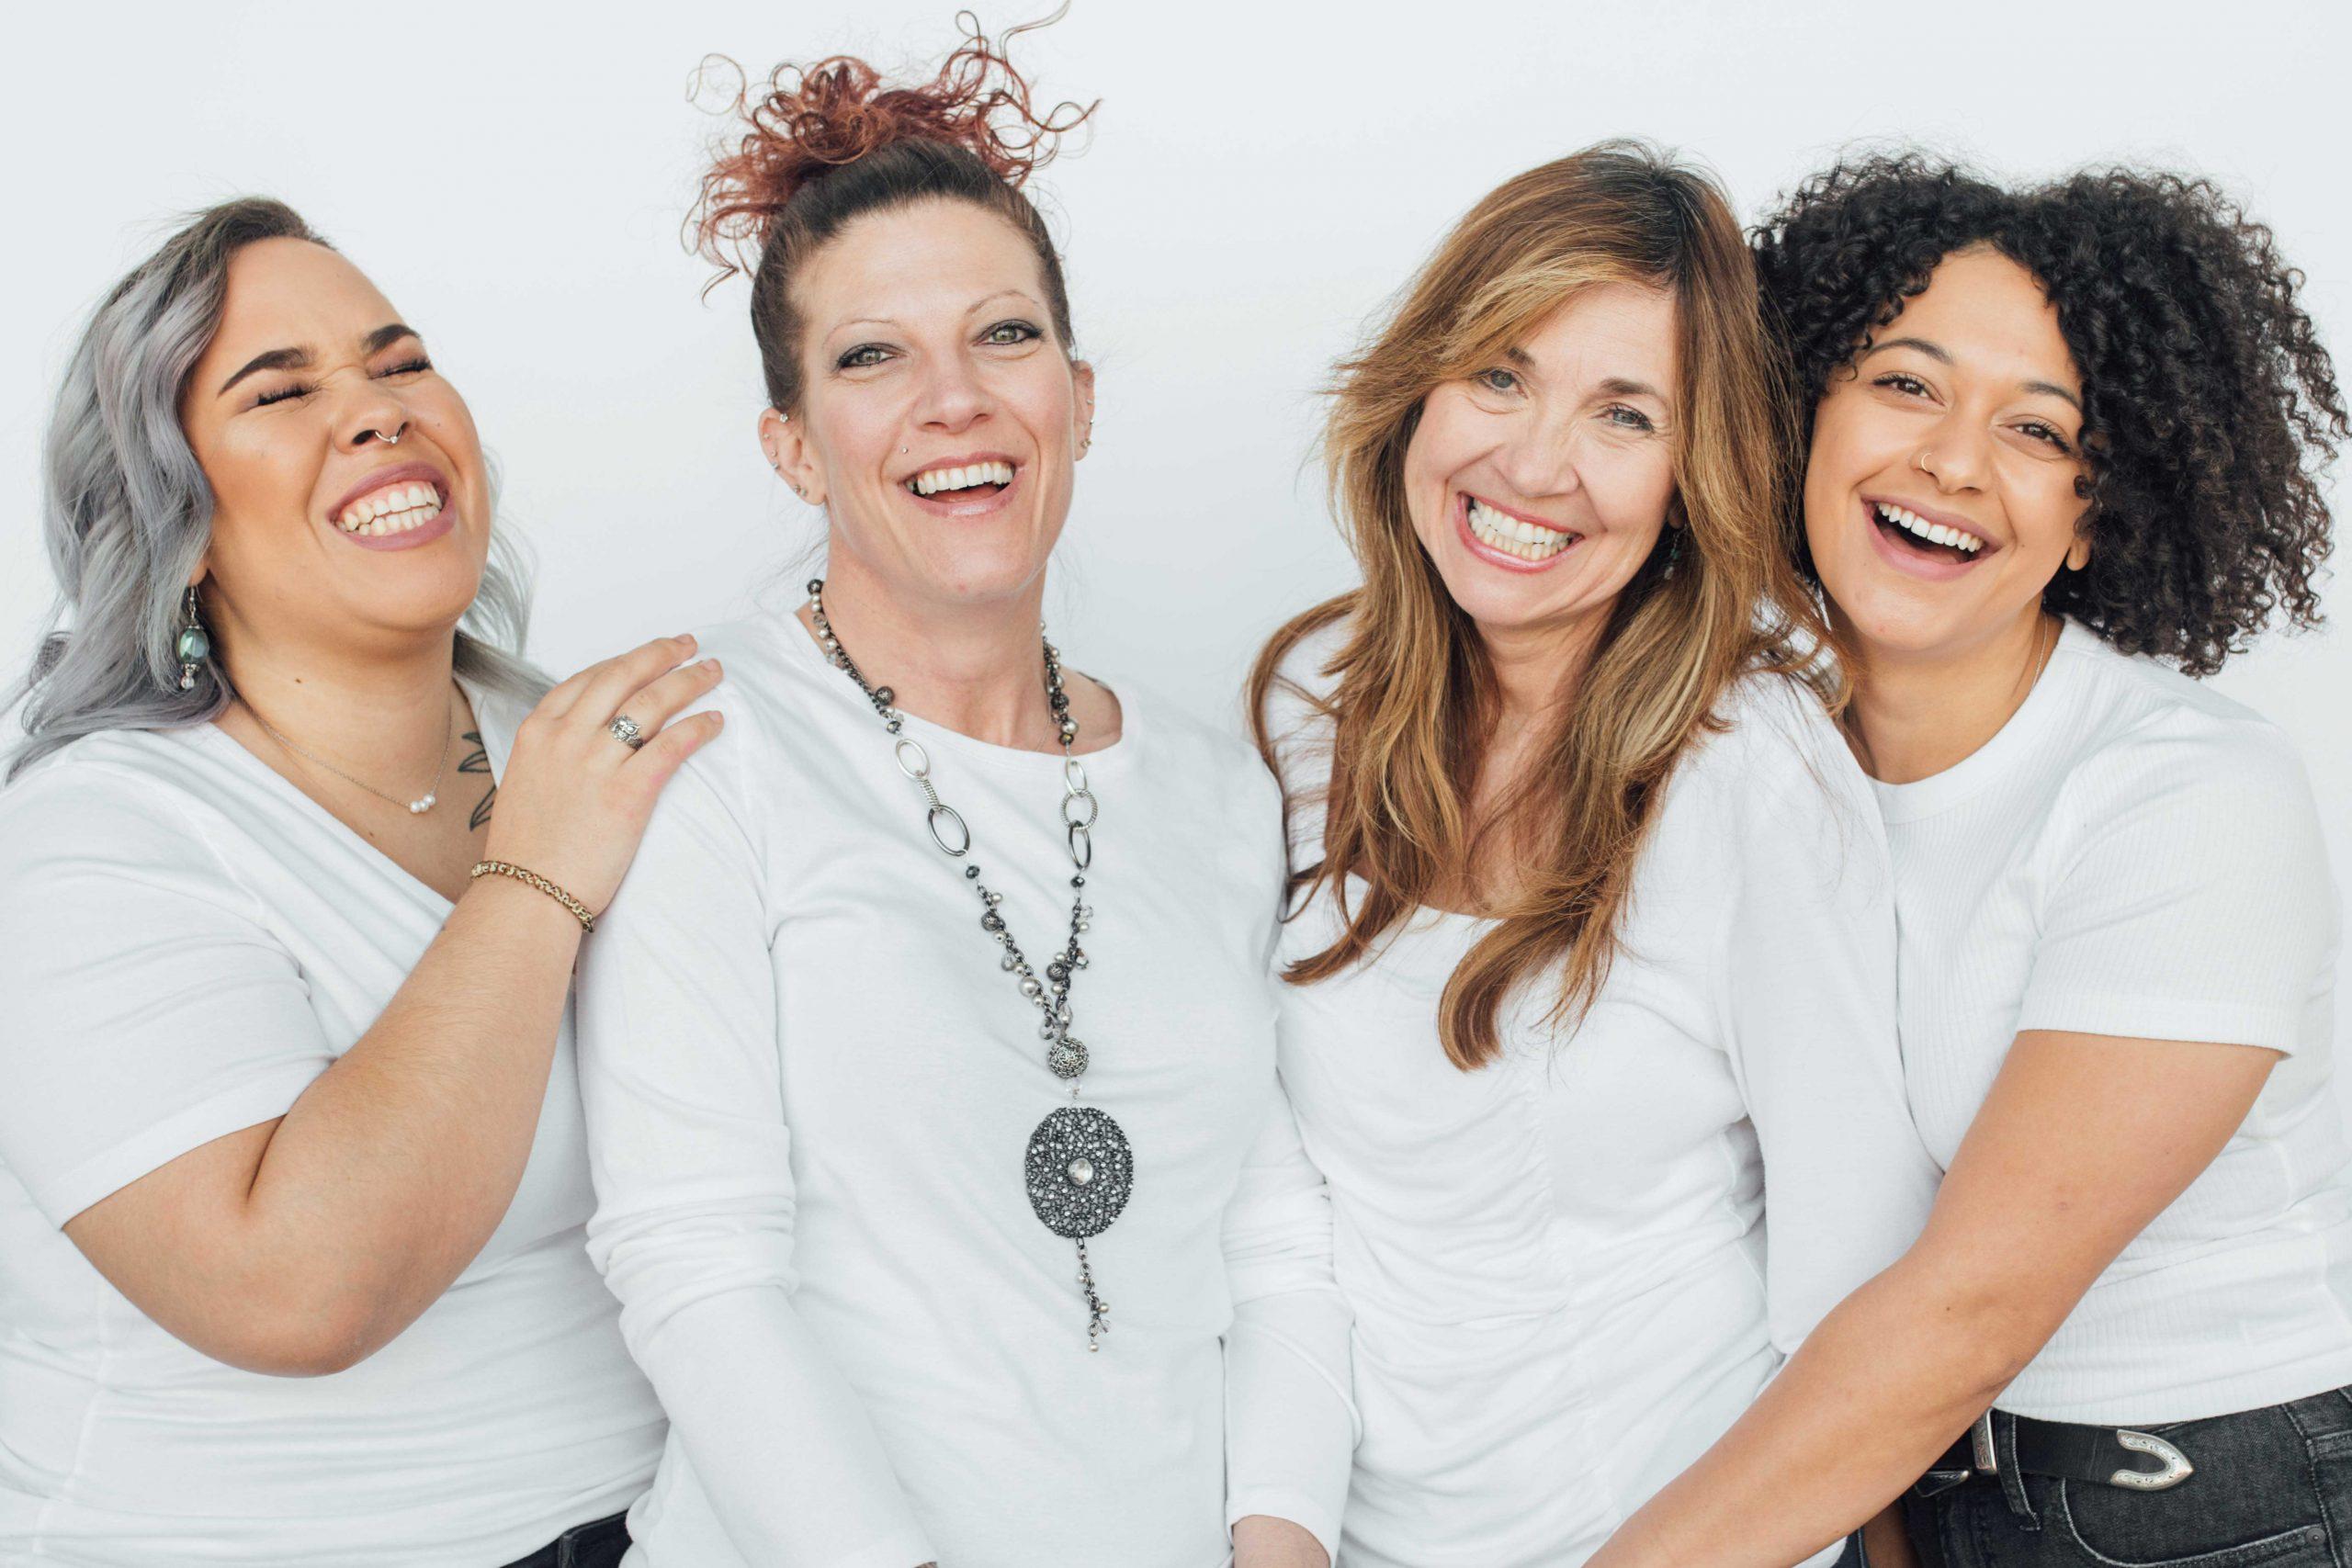 four women wearing white smiling